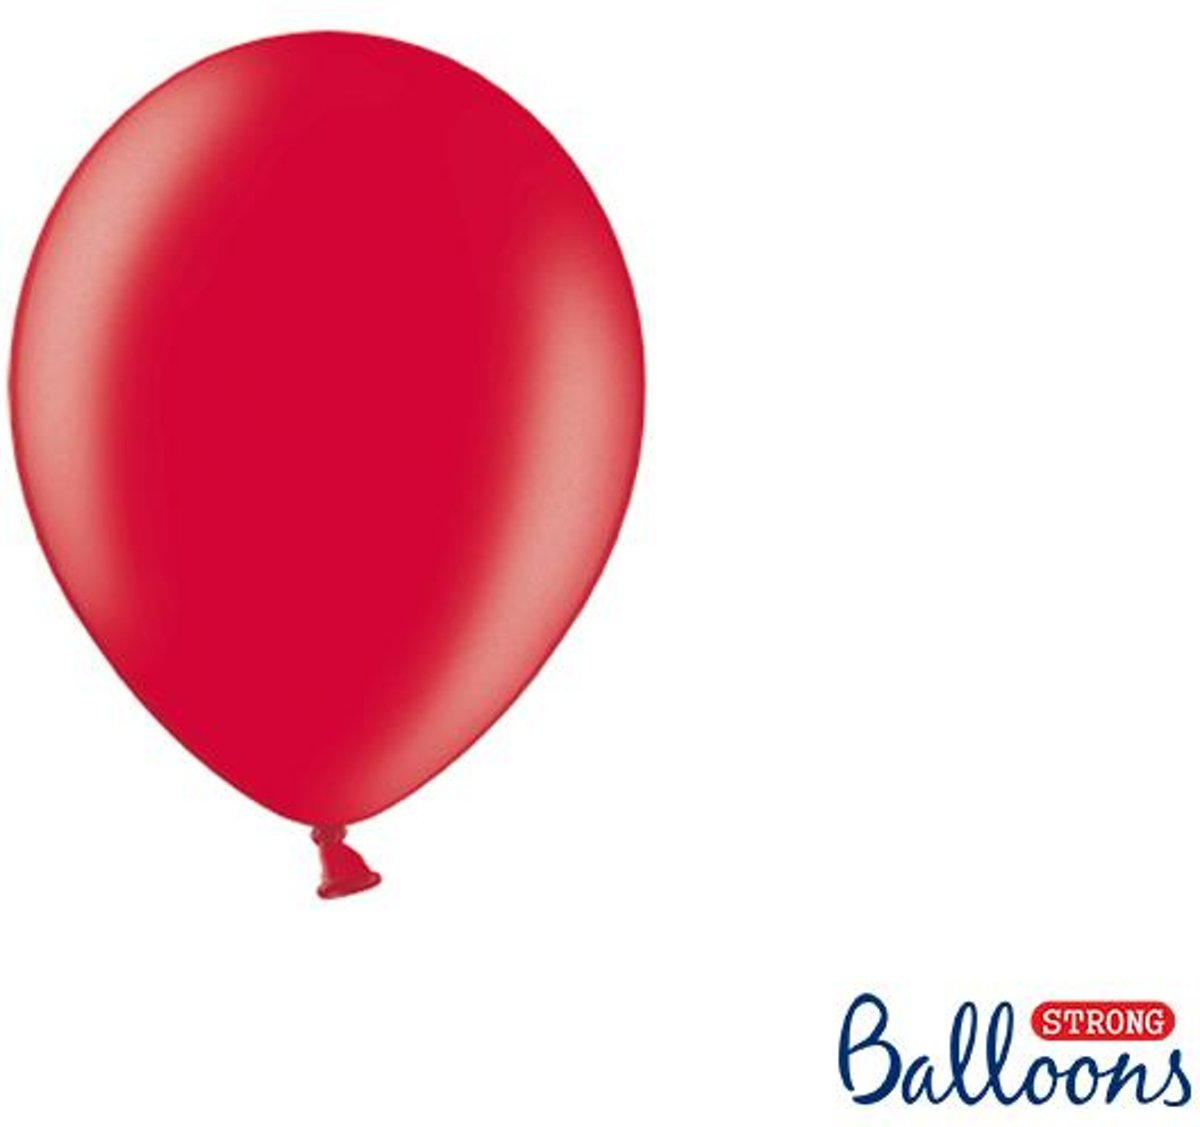 """""""""""""""Strong Ballonnen 12cm, Metallic Poppy rood (1 zakje met 100 stuks)"""""""""""" kopen"""